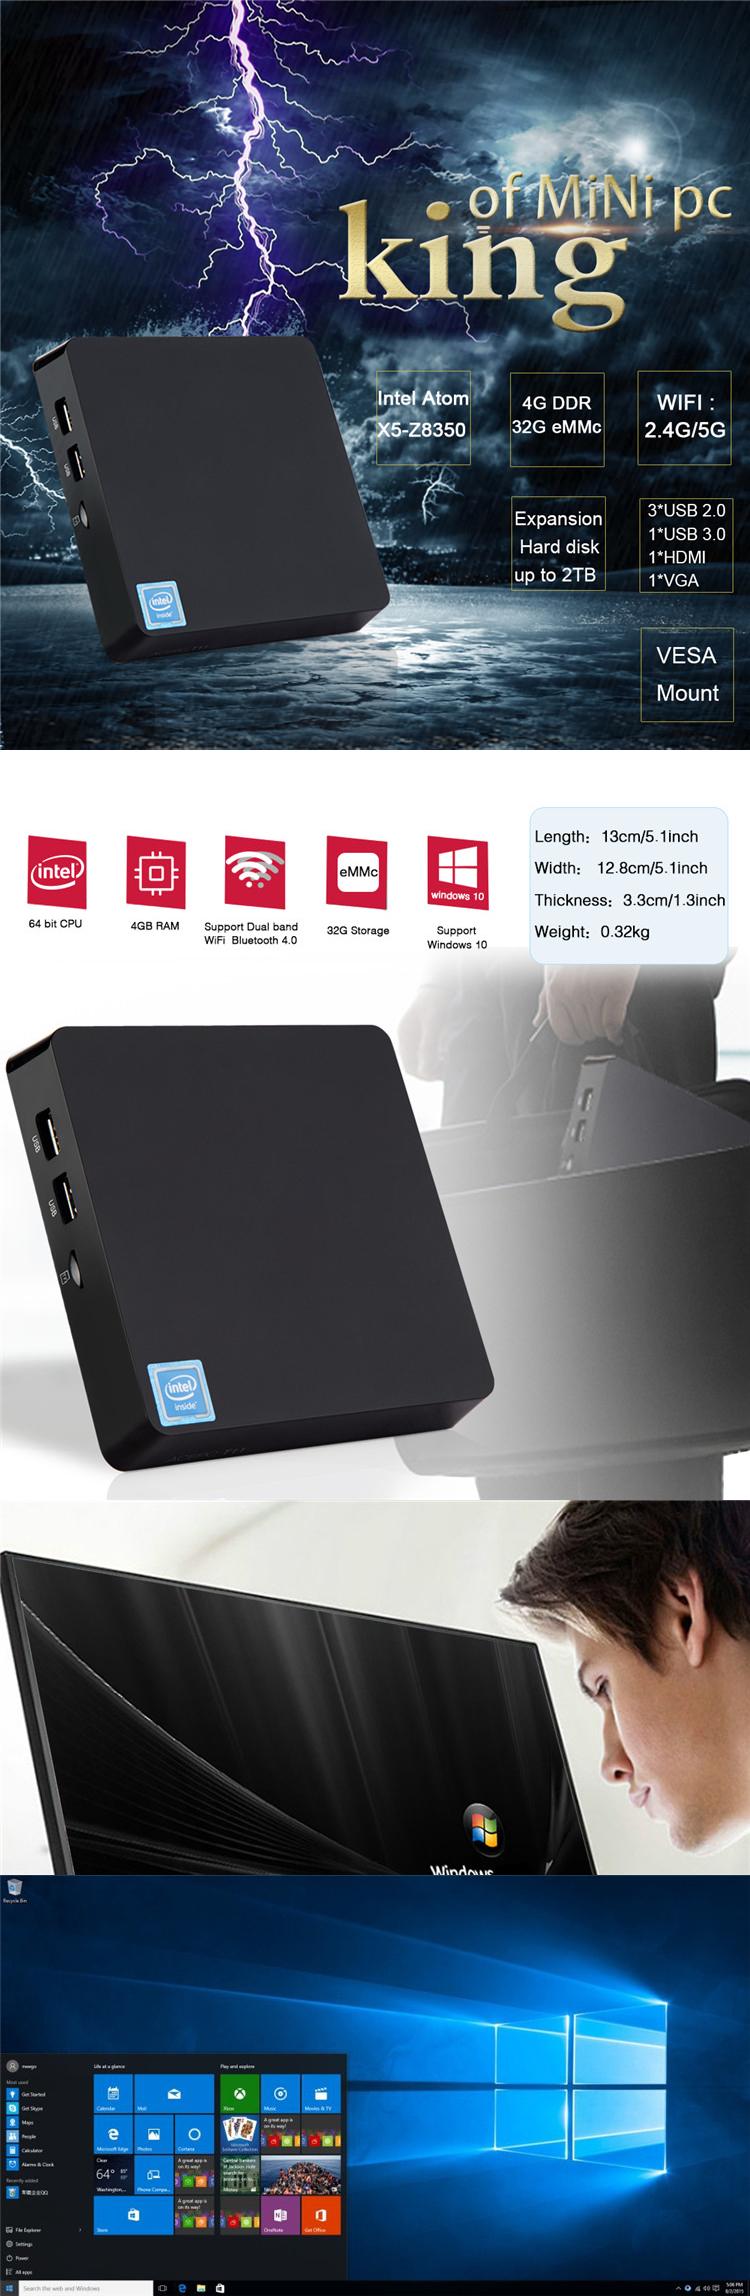 t11 z8350 4gb lpddr3 32gb industrial fanless gaming firewall windows10 motherboard intel mini pc computadores portatil